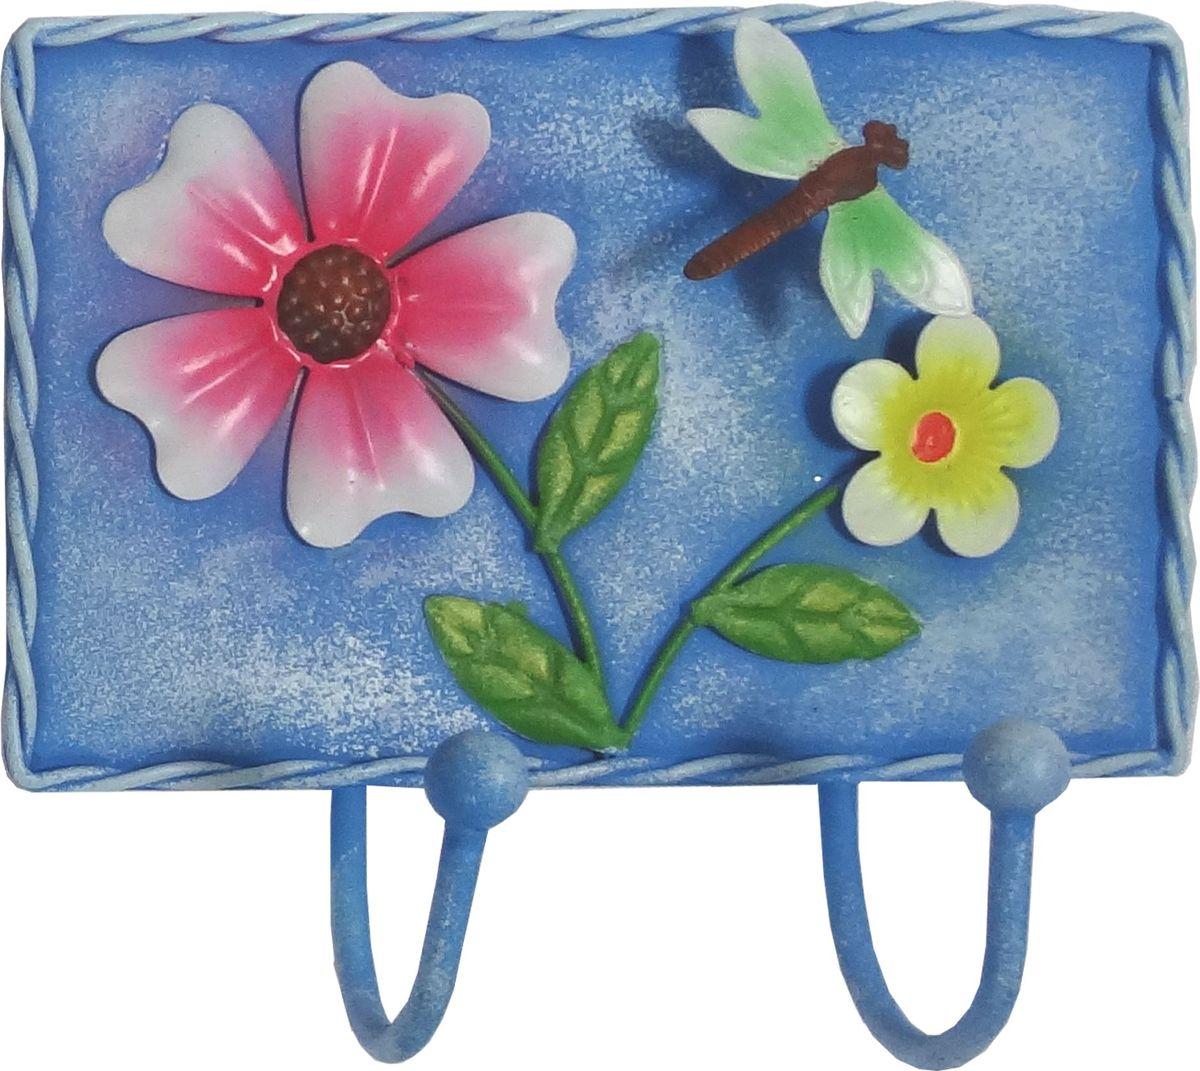 Вешалка-крючок Magic Home, двойной, цвет: синий. 43885DEN-22Вешалка-крючок Голубая (13,8х12,5см). Крючки настенные изготовлены из жести и оформлены красочным изображением. Вешалка имеет 2 крючка. Это изделие больше, чем просто крючки, это оригинальное интерьерное решение, которое задает настроение и стиль. Изделие не боится повседневной эксплуатации и будет служить долго.